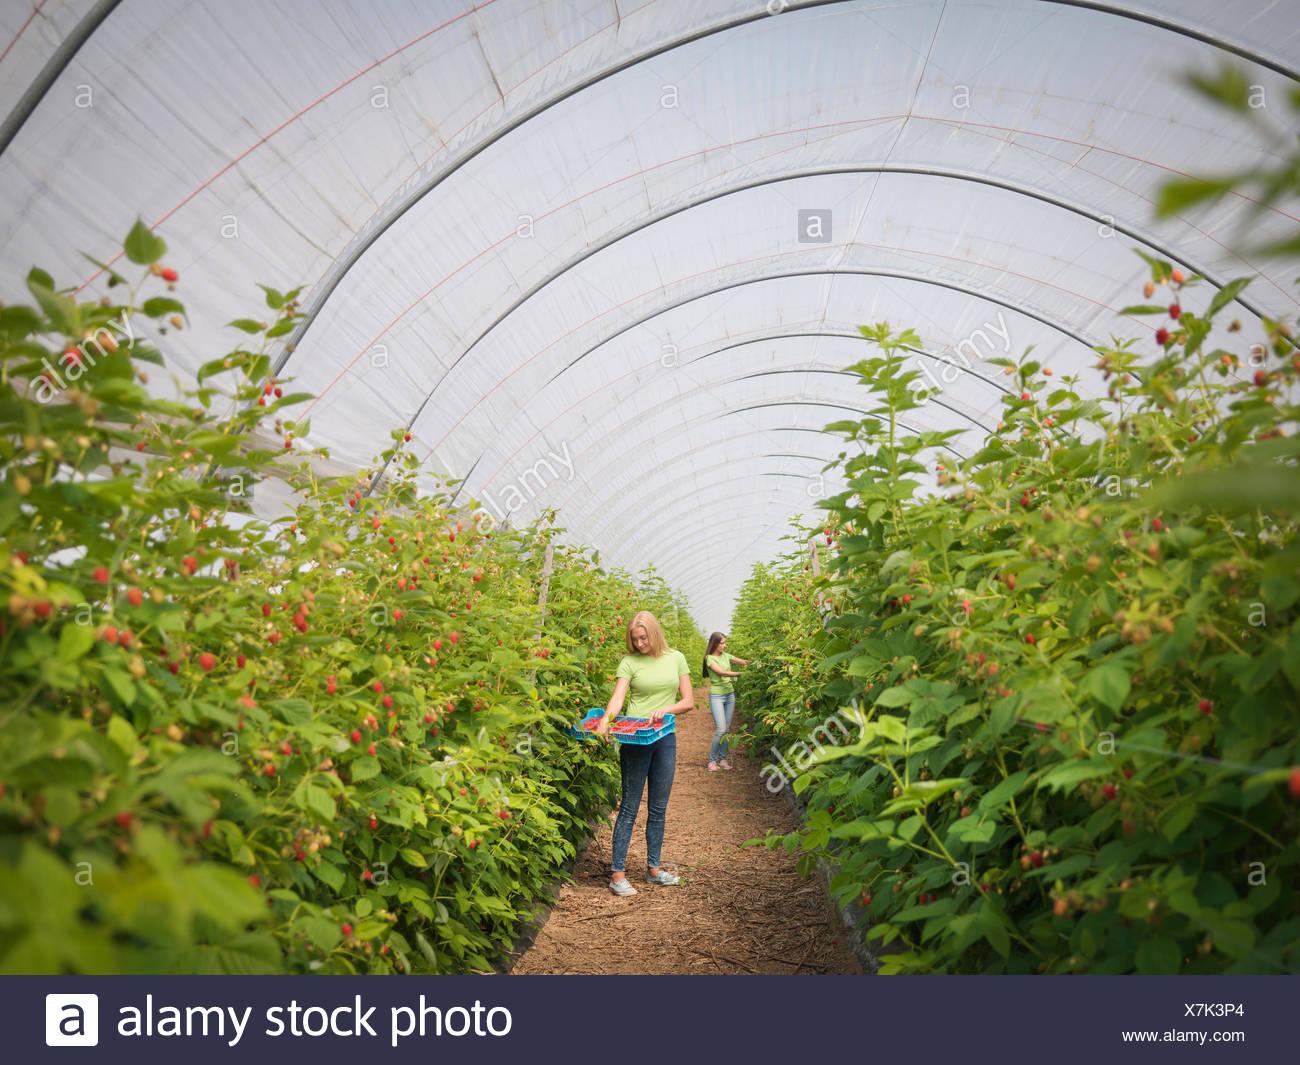 Cueillette de framboises dans les travailleurs de la ferme de fruits Photo Stock